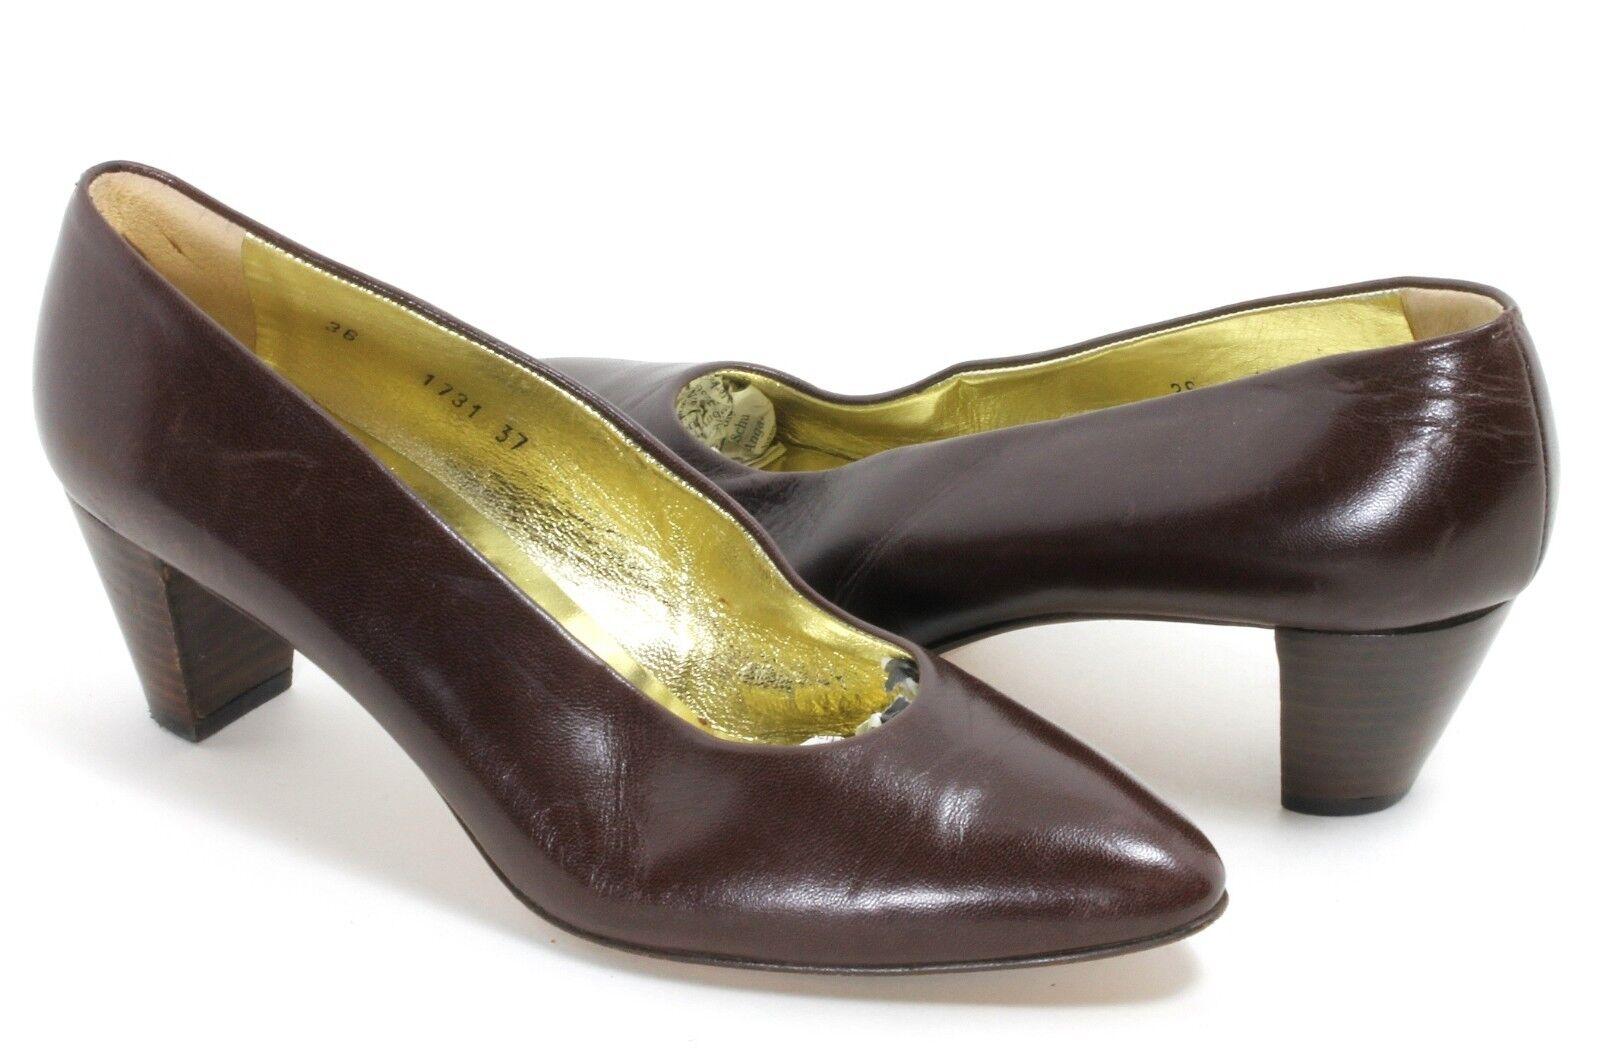 Elegant Elegant Elegant vintage zapatos señora zapatos pumps cuero walter steiger Handmade a mano 37  marcas de diseñadores baratos